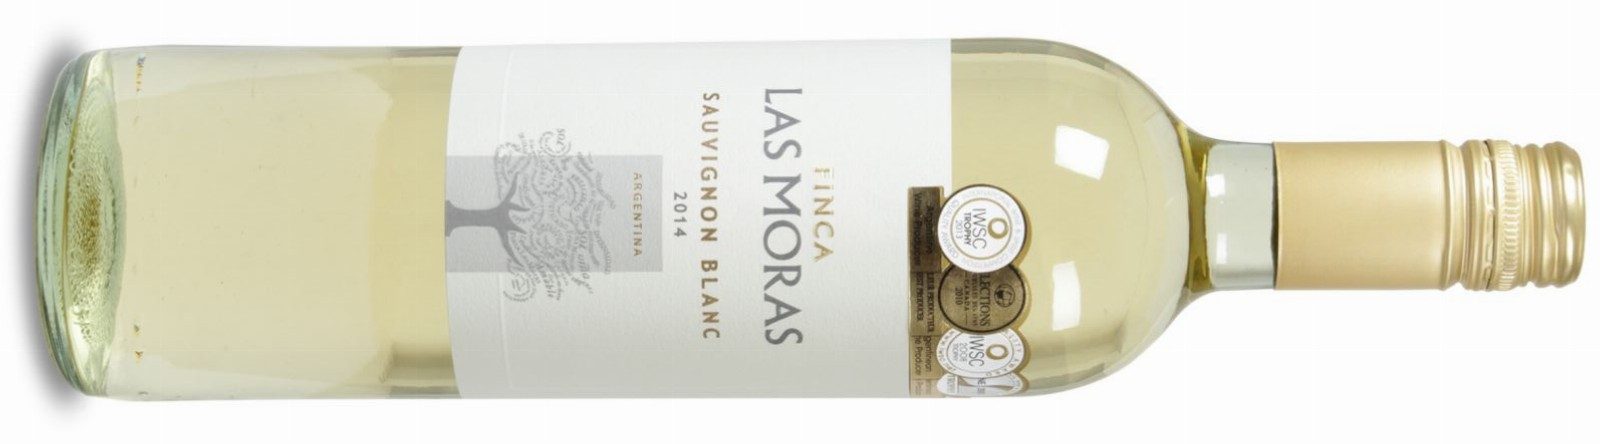 Las Moras Sauvignon Blanc 2014